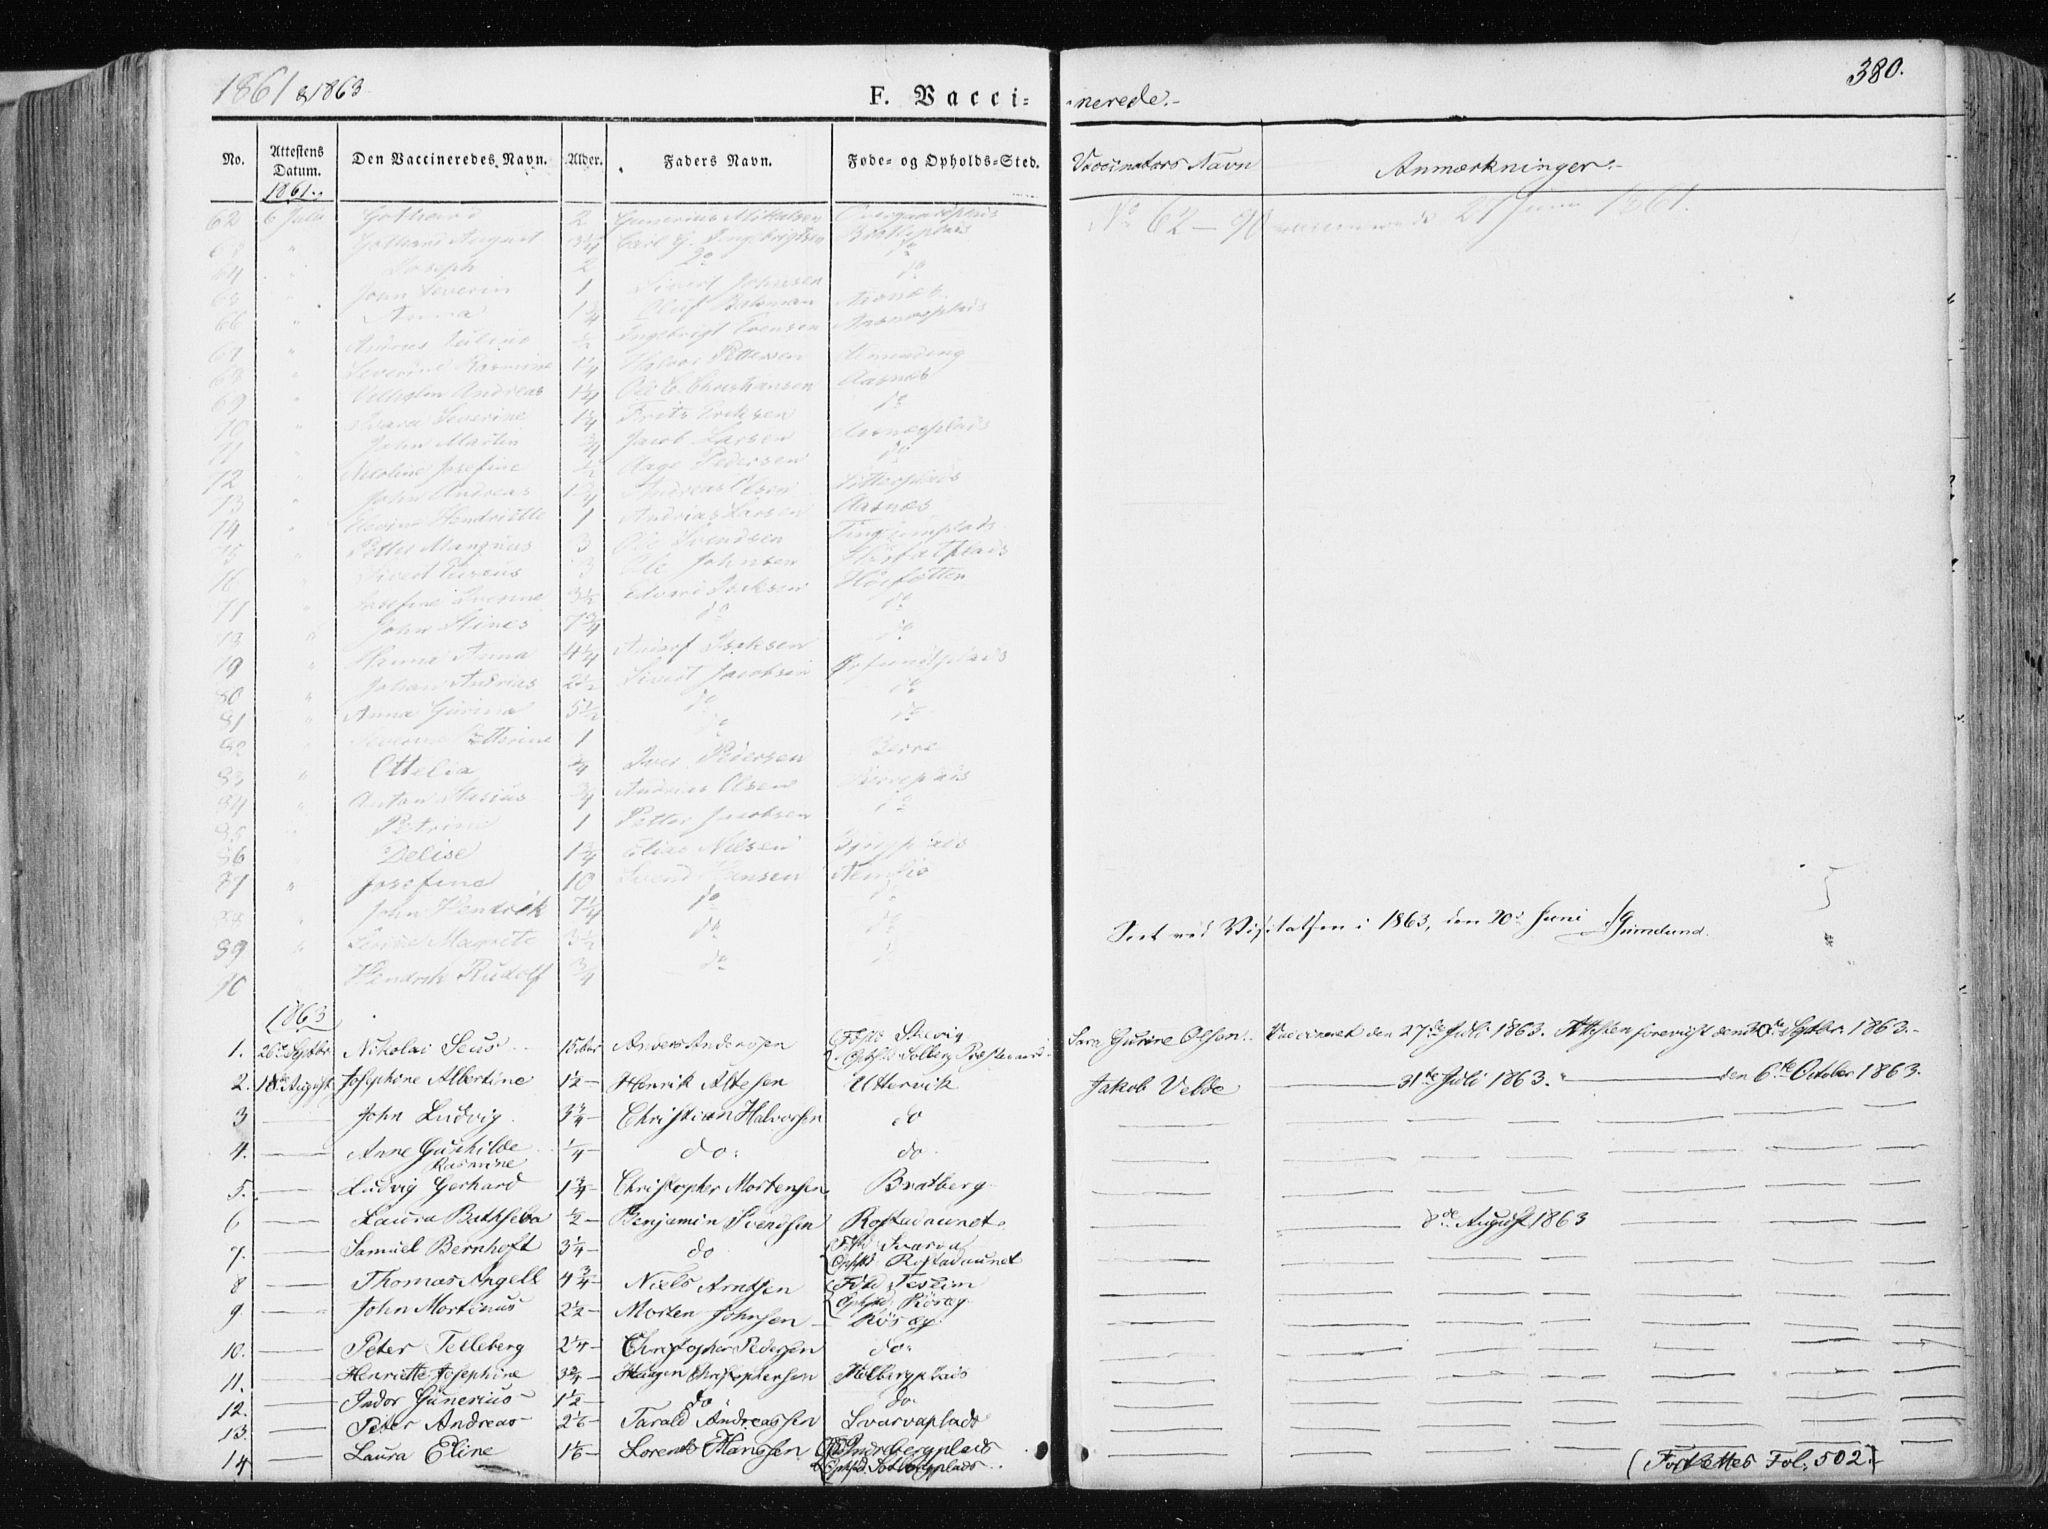 SAT, Ministerialprotokoller, klokkerbøker og fødselsregistre - Nord-Trøndelag, 741/L0393: Ministerialbok nr. 741A07, 1849-1863, s. 380